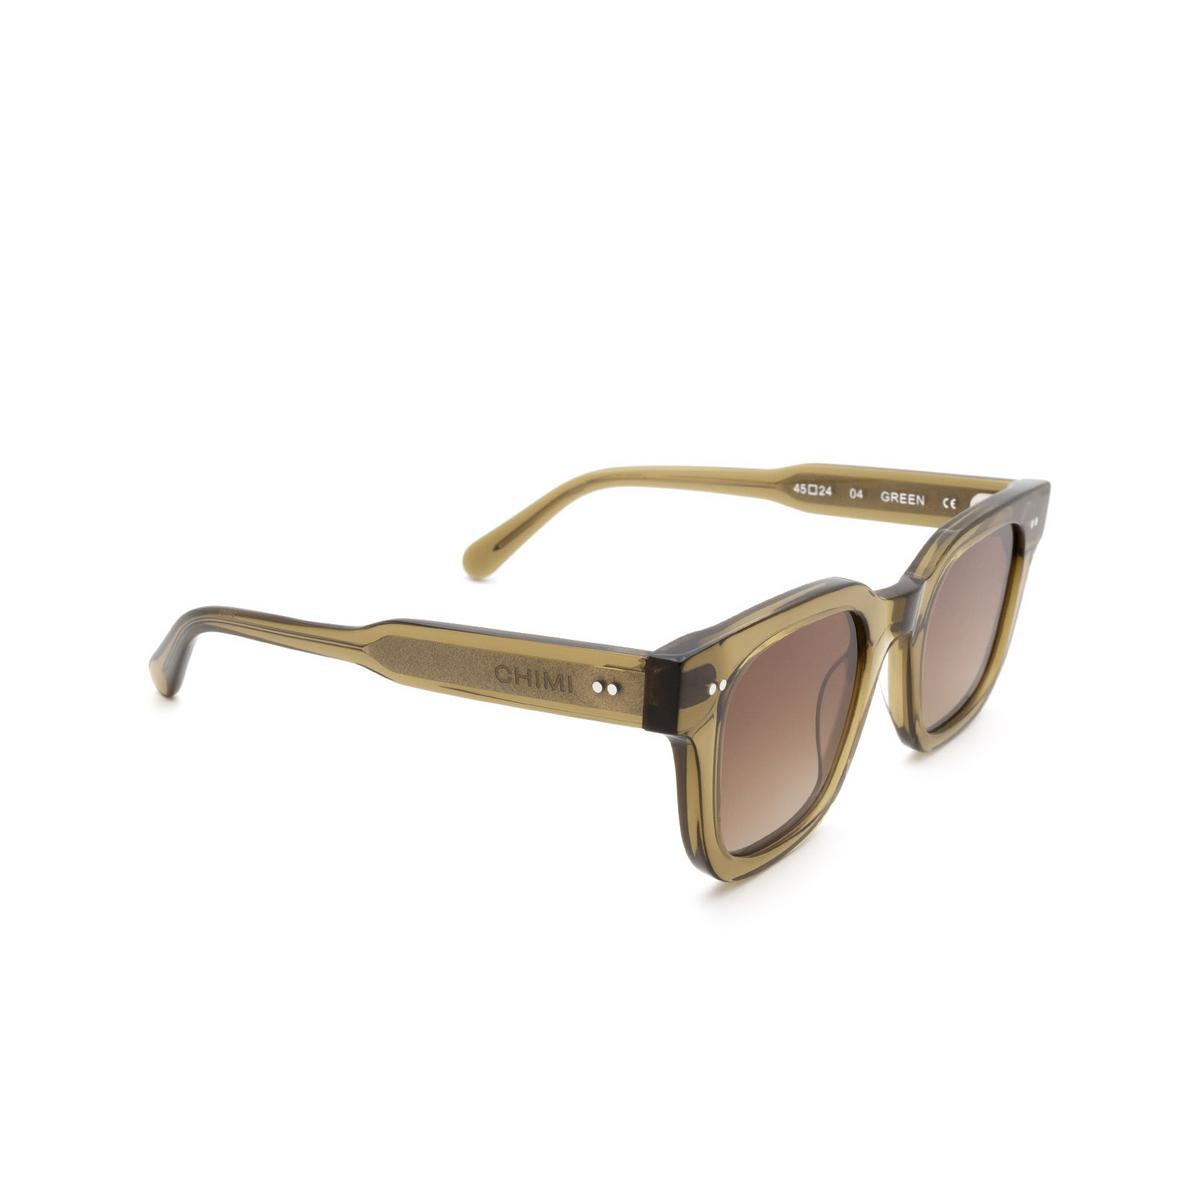 Chimi® Square Sunglasses: 04 color Green - three-quarters view.